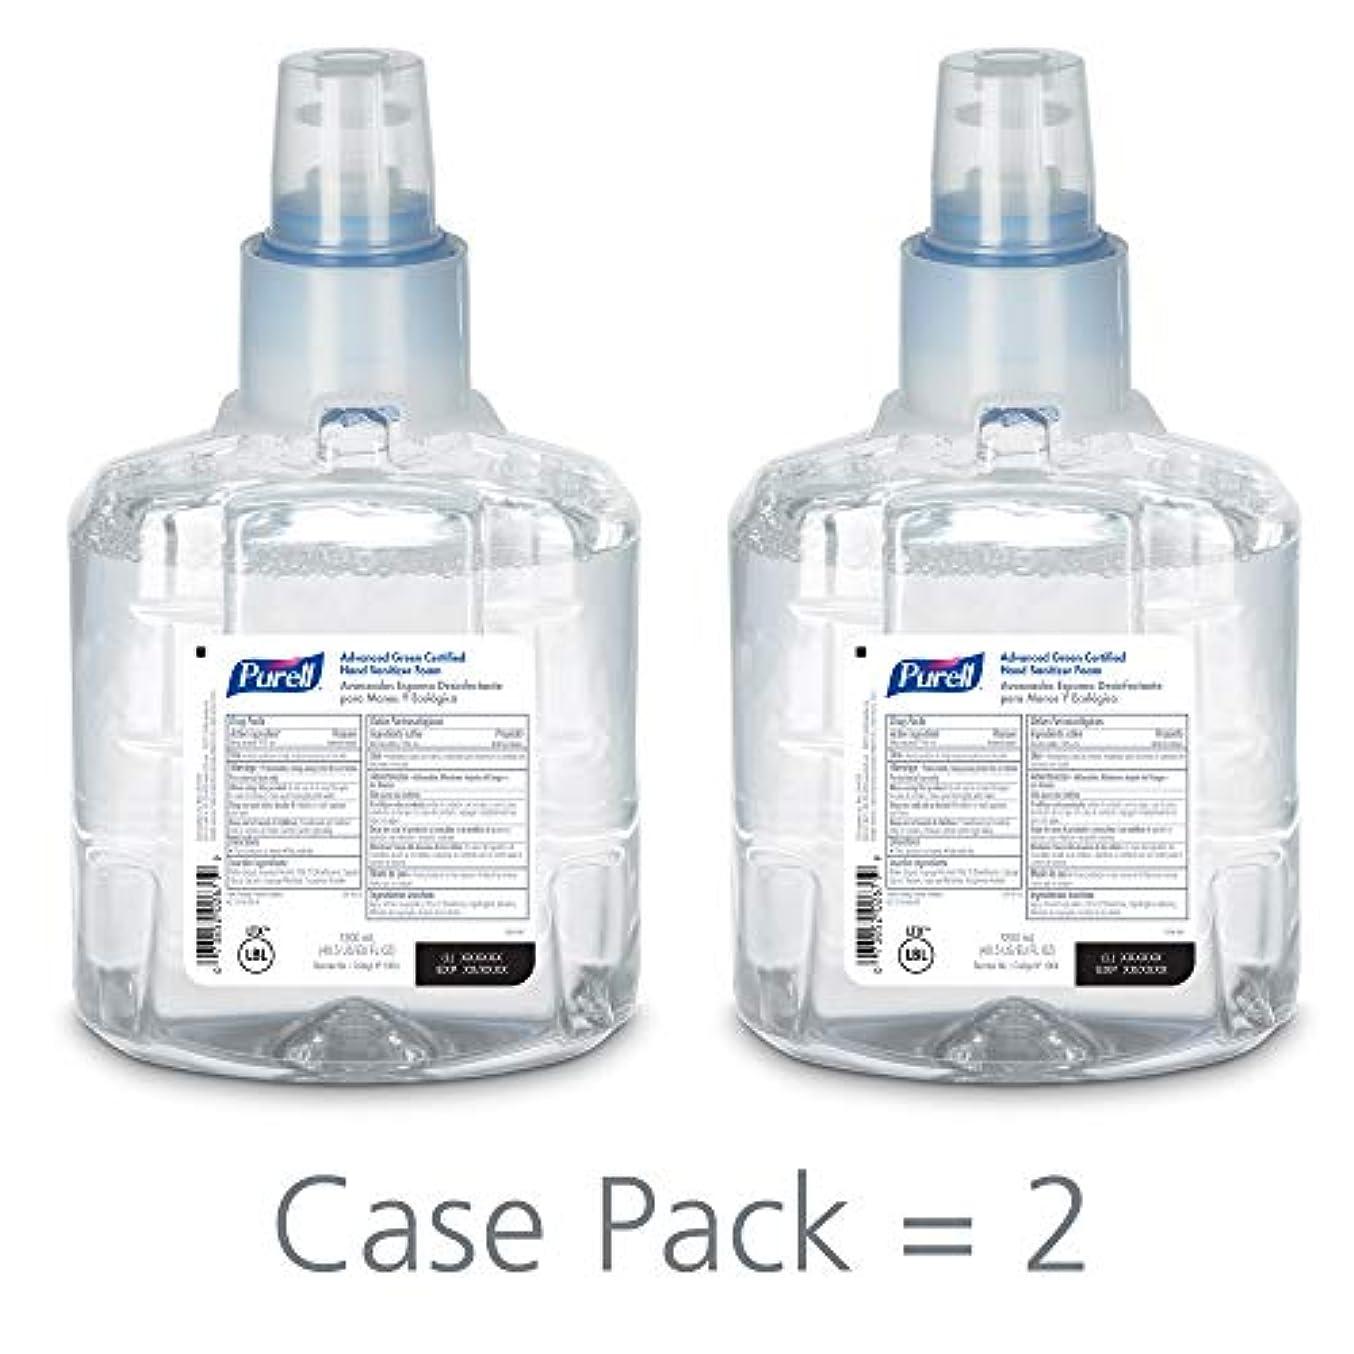 保持通信する空のPURELL 1904-02 1200 mL Advanced Green Certified Instant Hand Sanitizer Foam, LTX-12 Refill (Pack of 2) by Purell